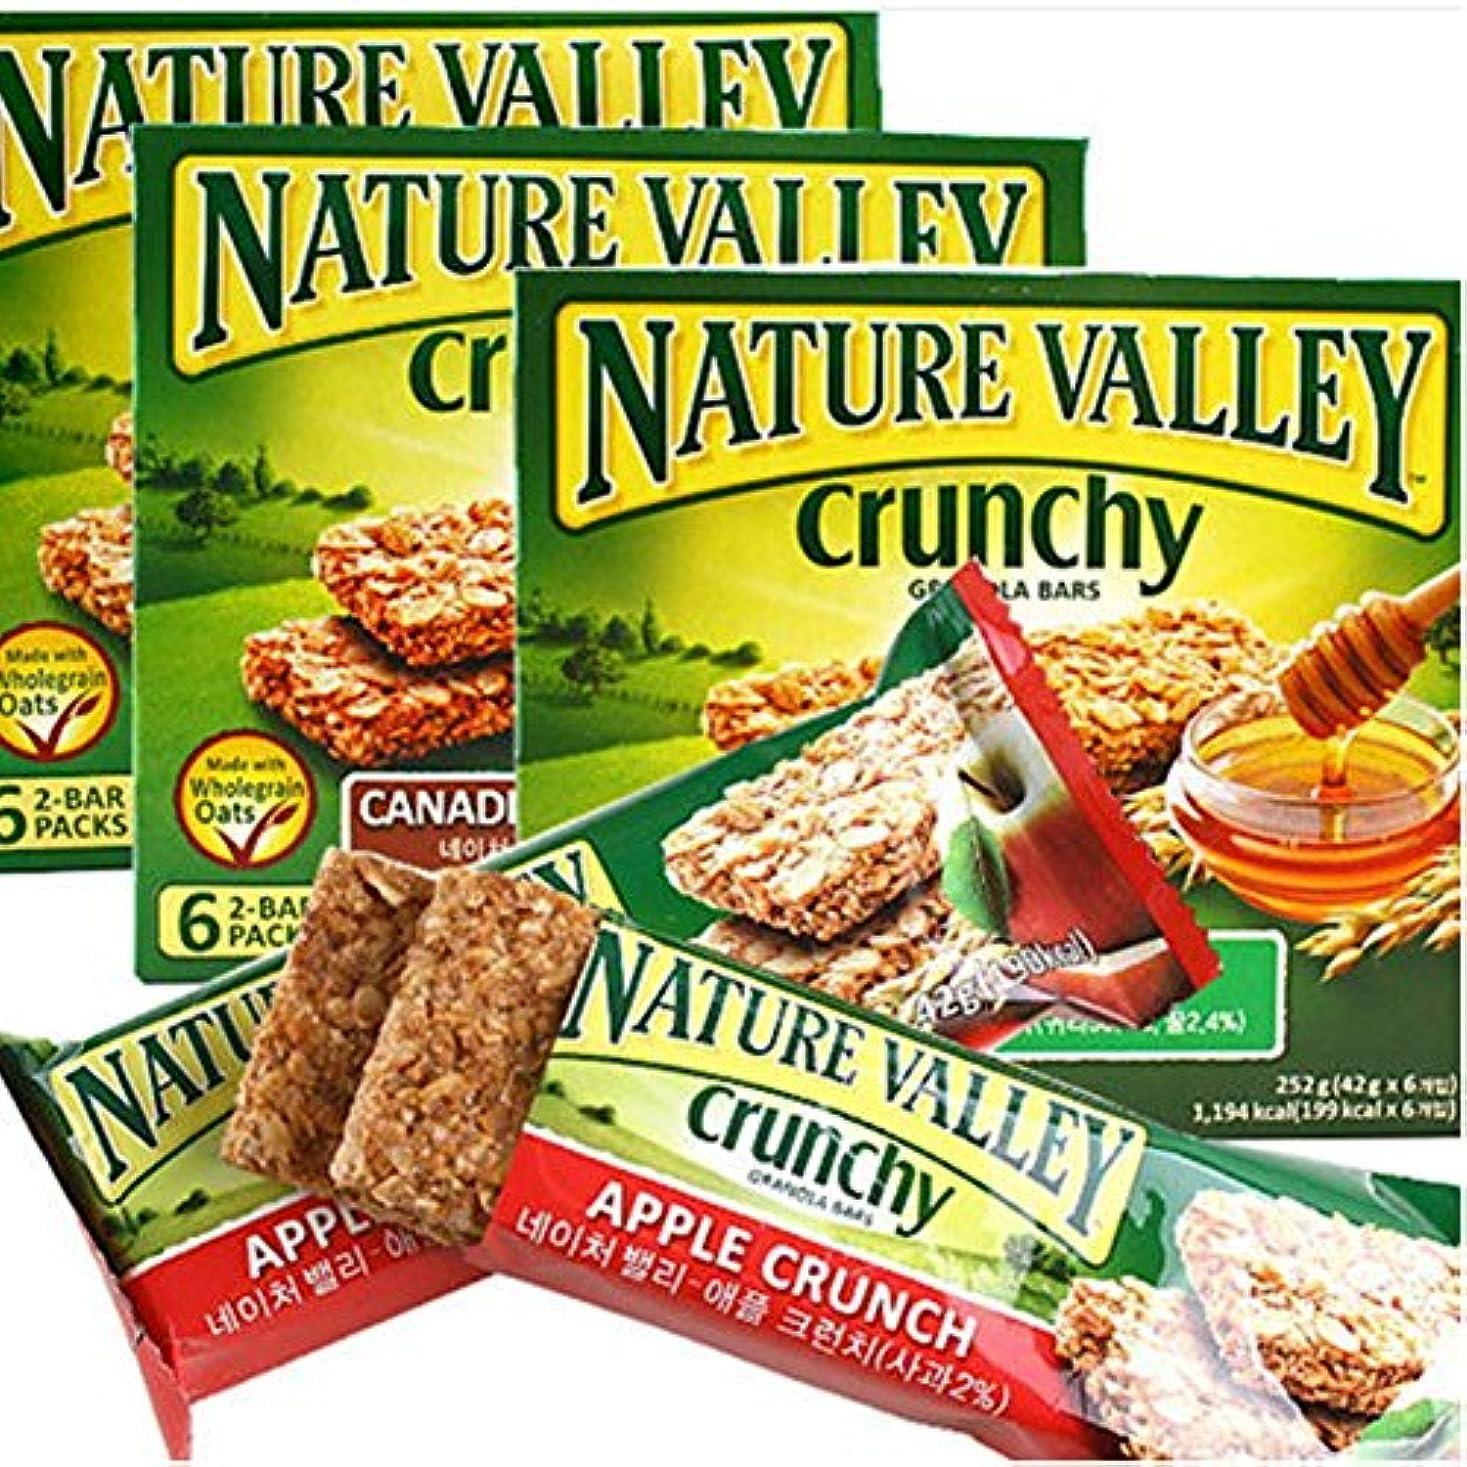 かび臭い埋める球体[ネイチャーバレー/Nature Valley] APPLE CRUNCH SYRUP/ネイチャーバレークランチグラノーラバー42g5パックx3 Box - アップルクランチシロップ(合計15袋)穀物バー/シリアル/栄養...